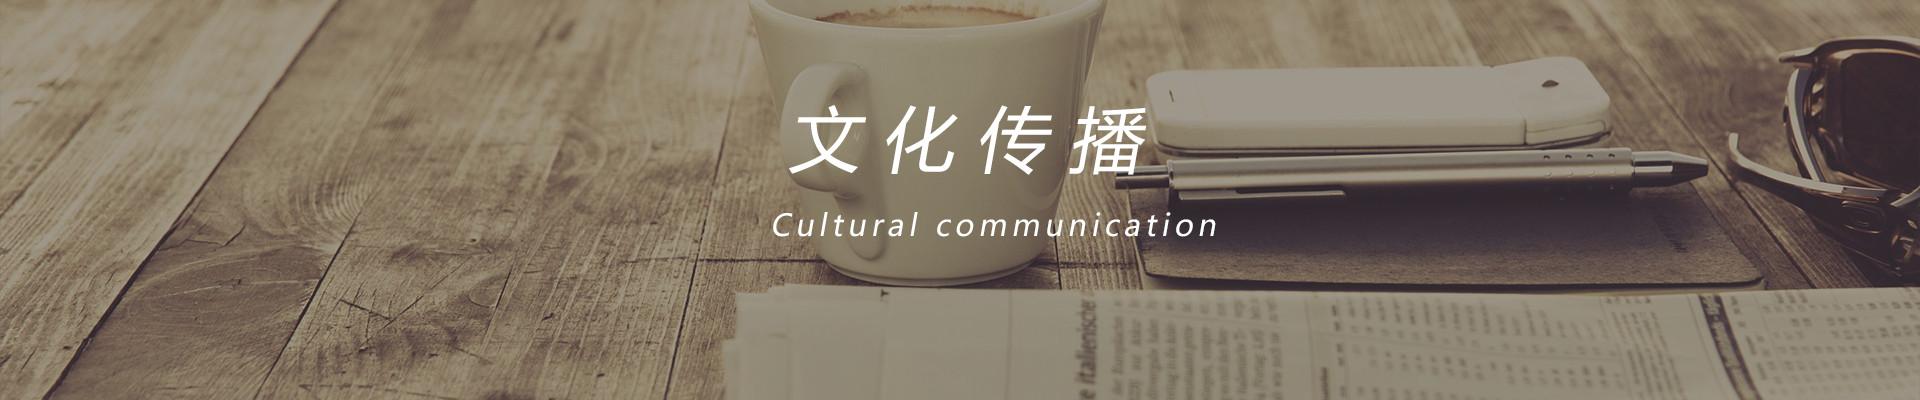 文化傳(chuan)播